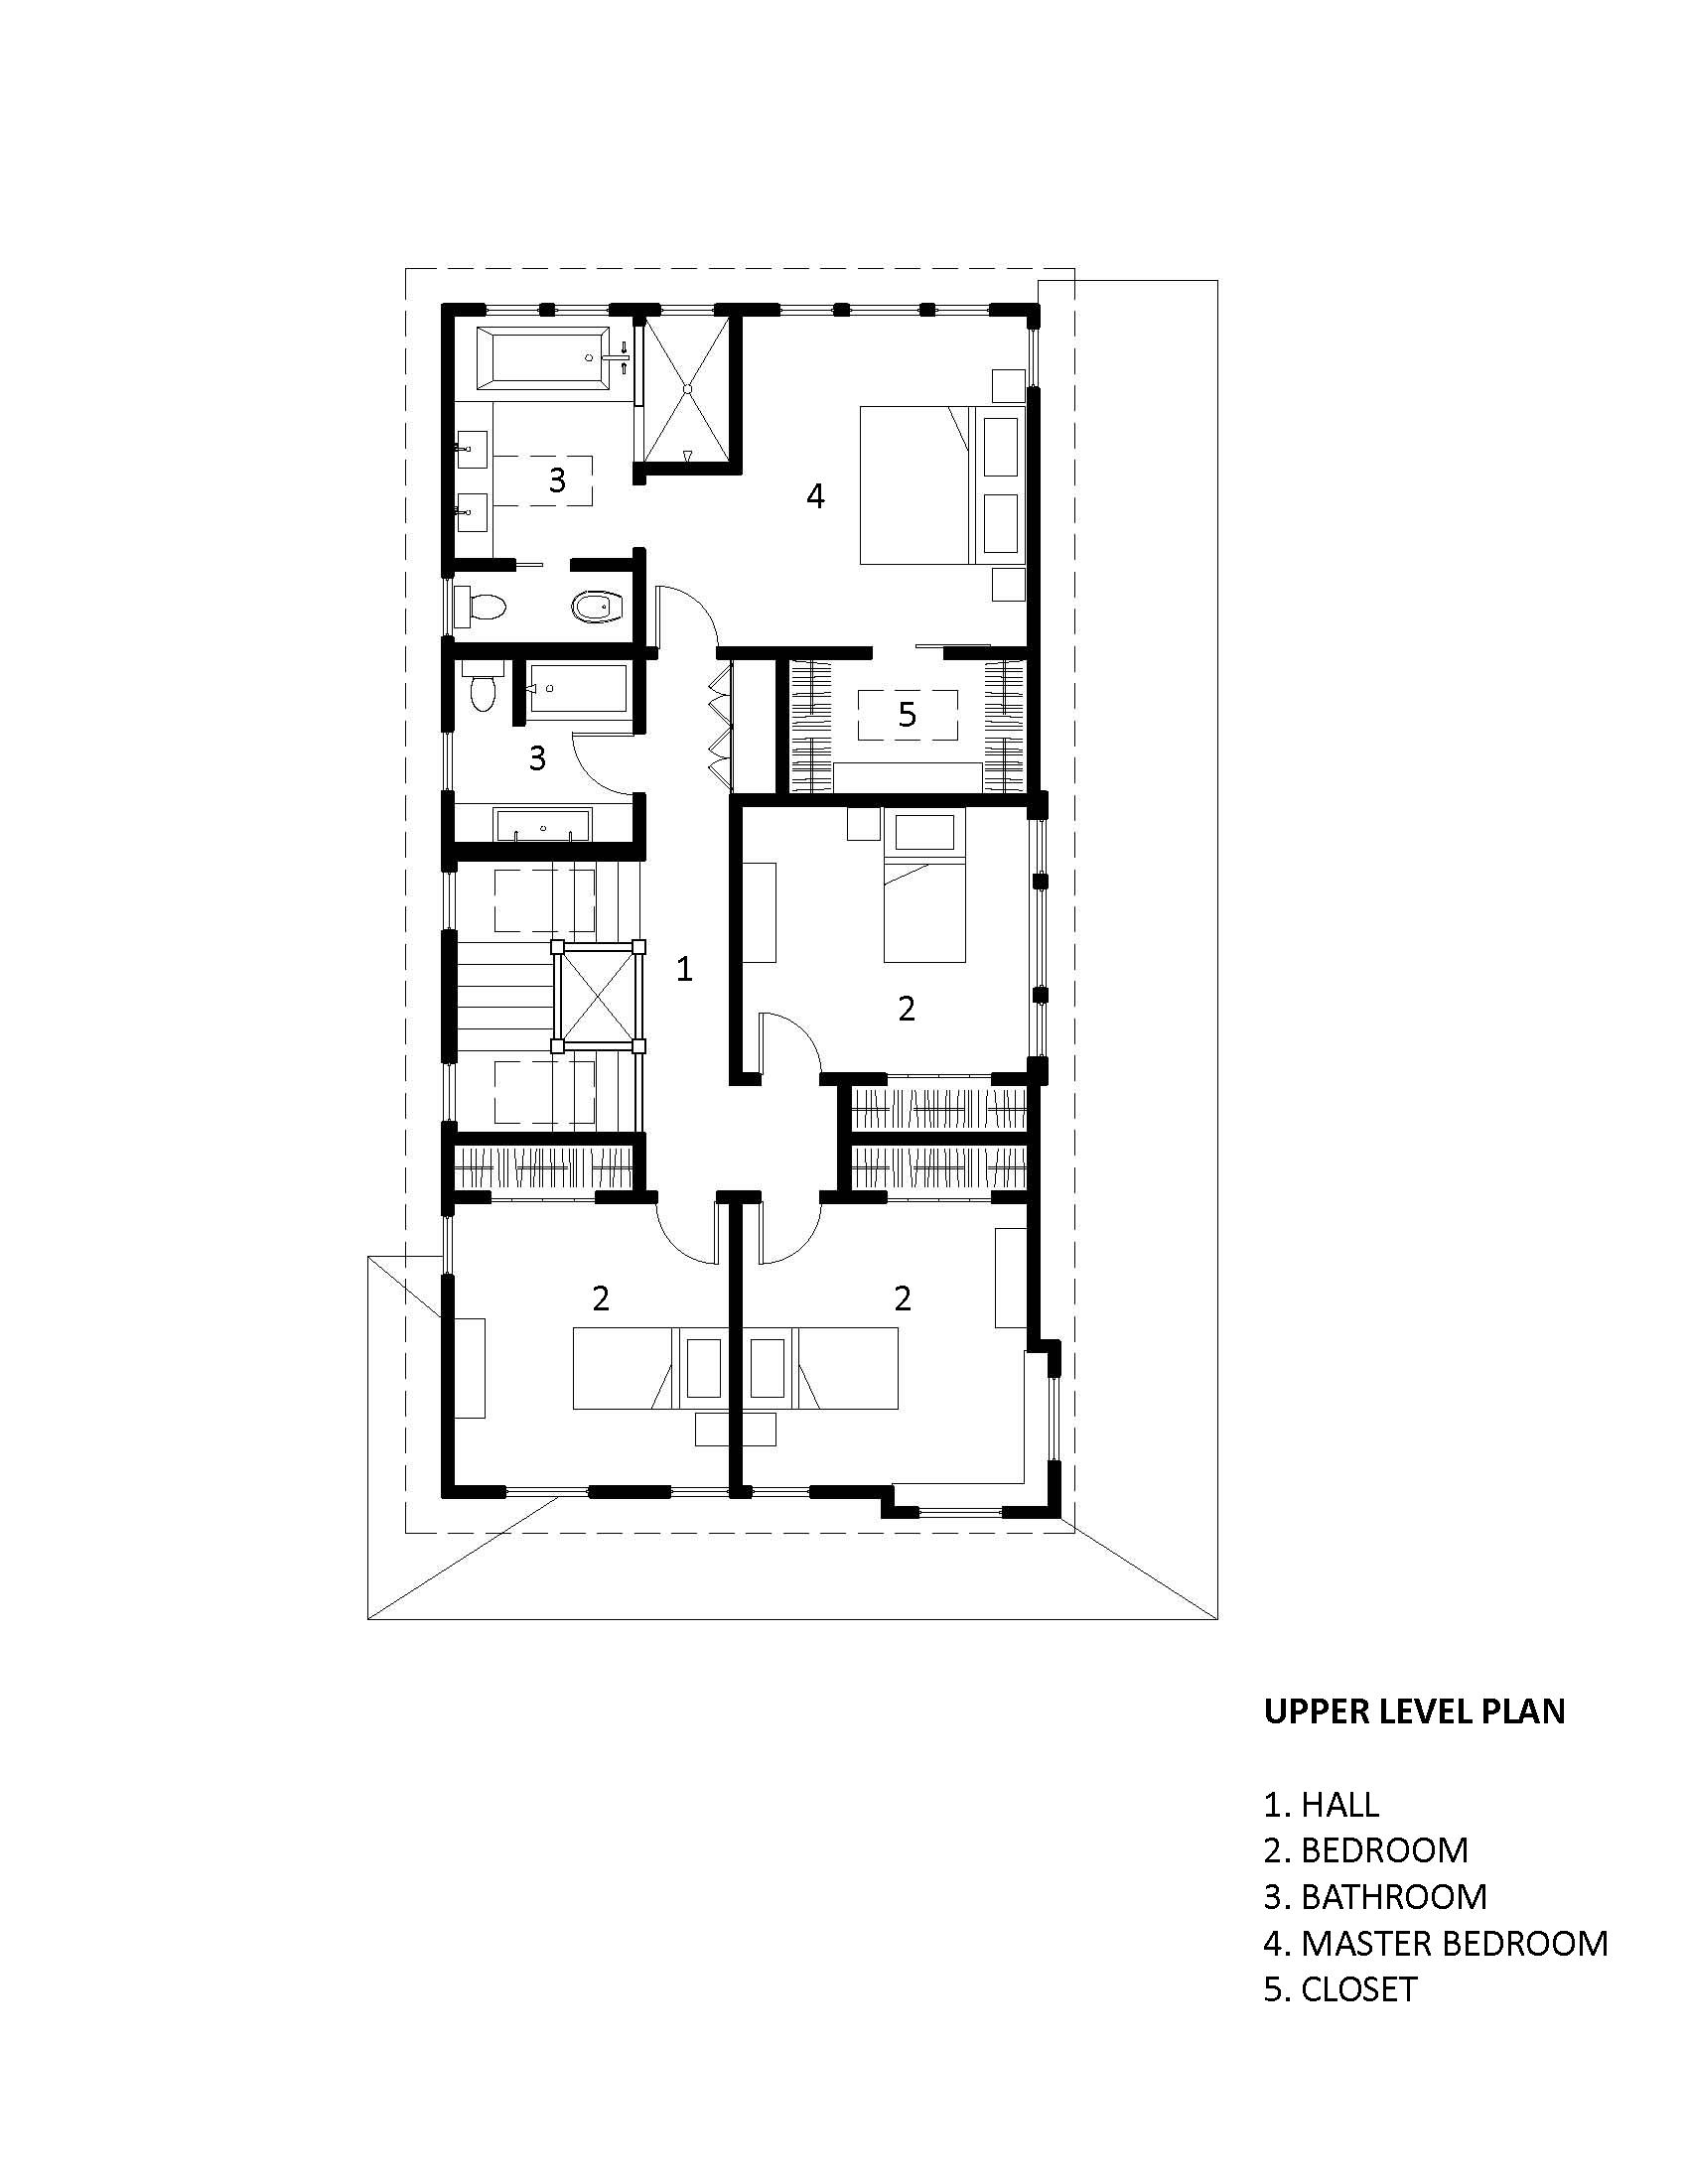 upper level plan for web.jpg